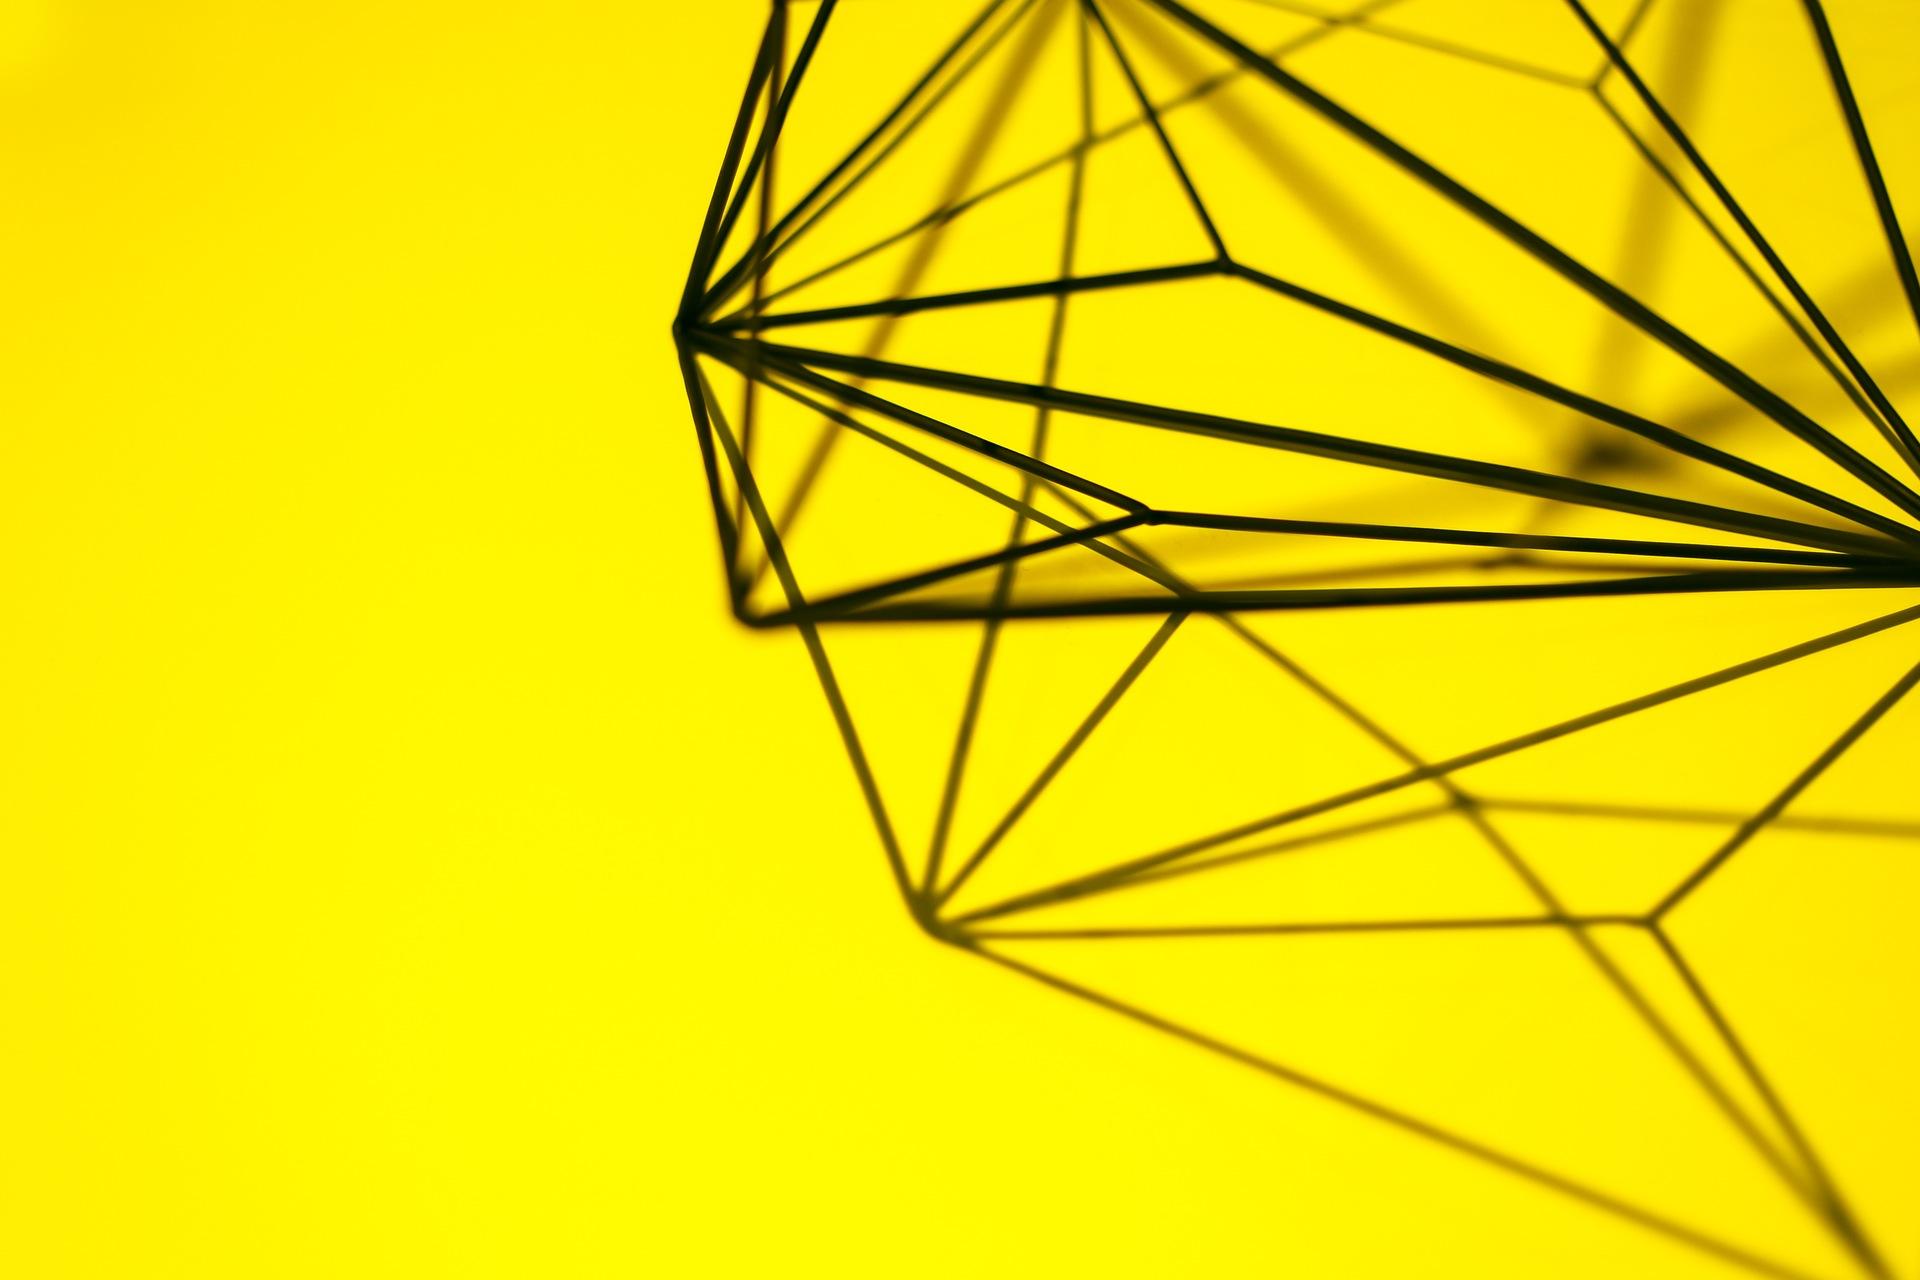 fondo de pantalla de geometr a dise o creatividad arte